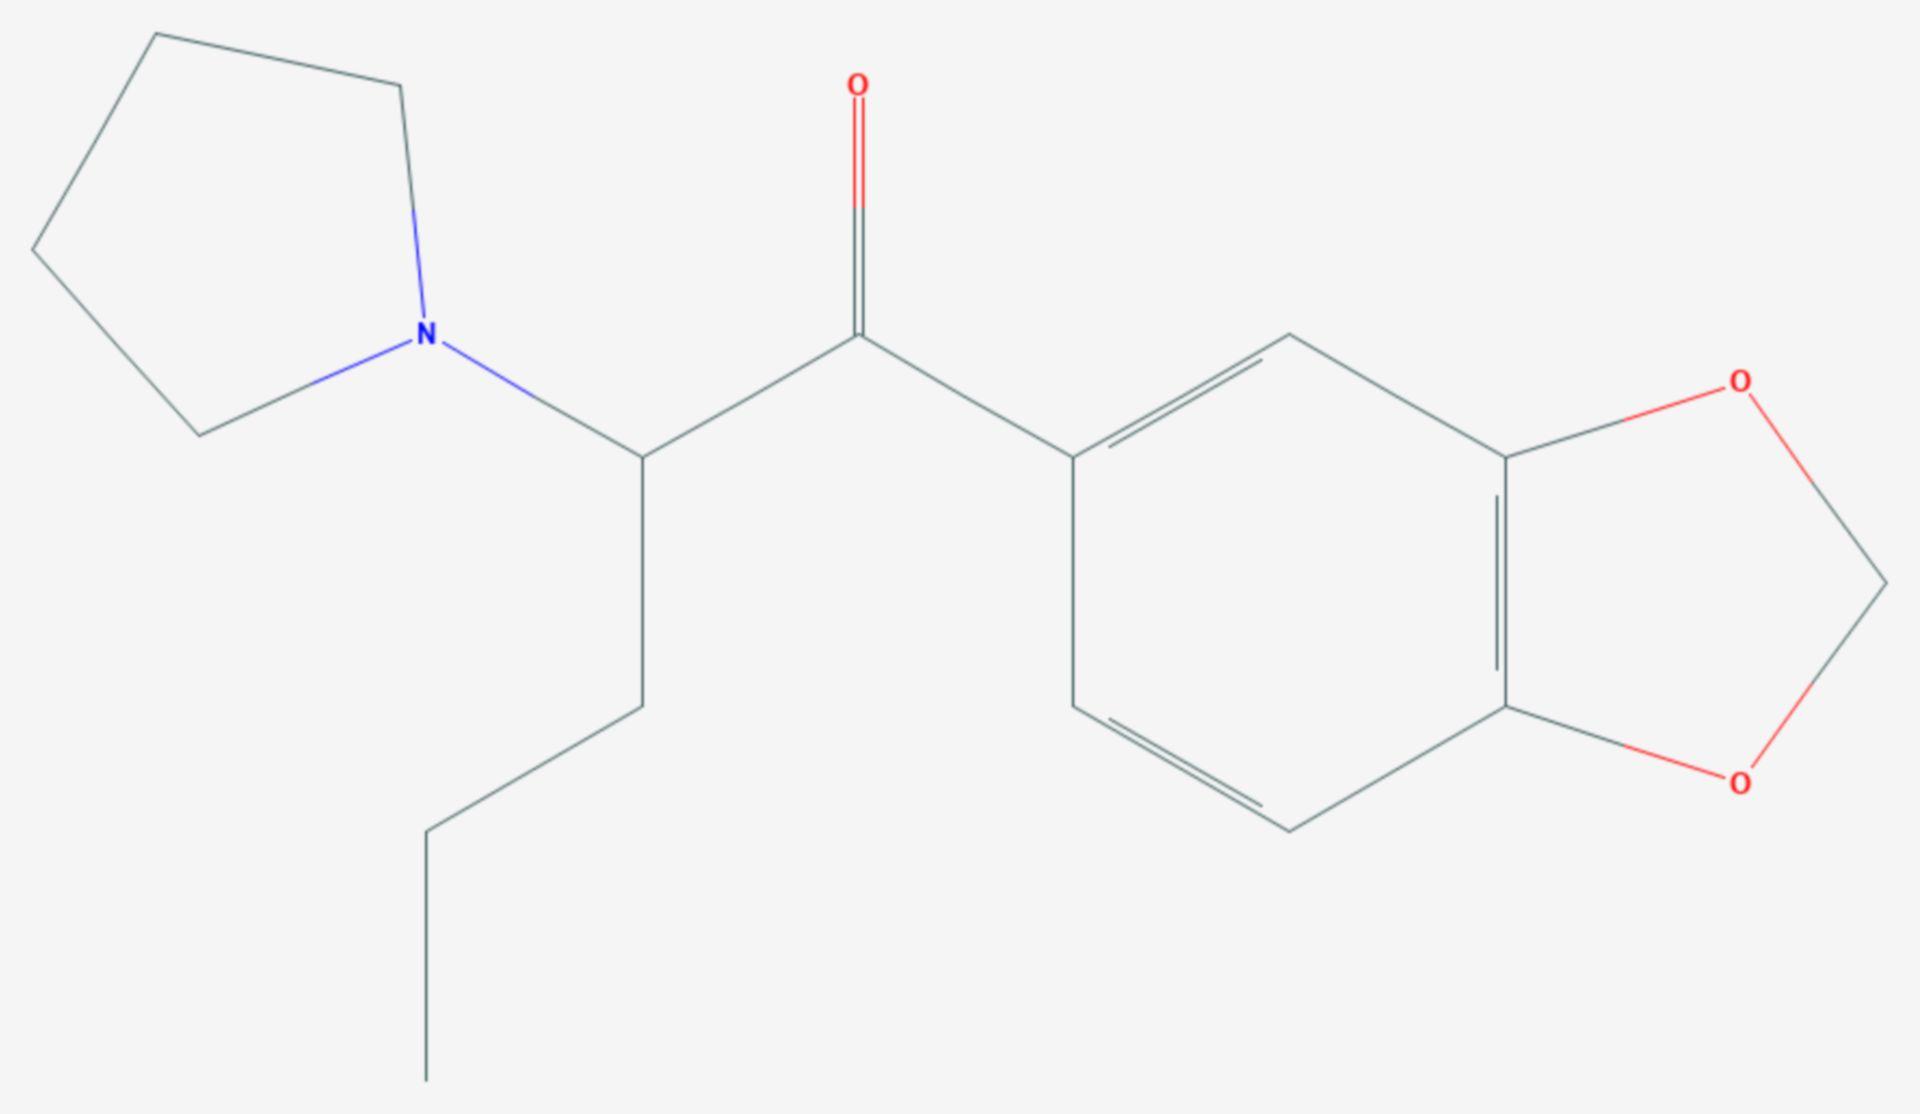 Methylendioxypyrovaleron (Strukturformel)